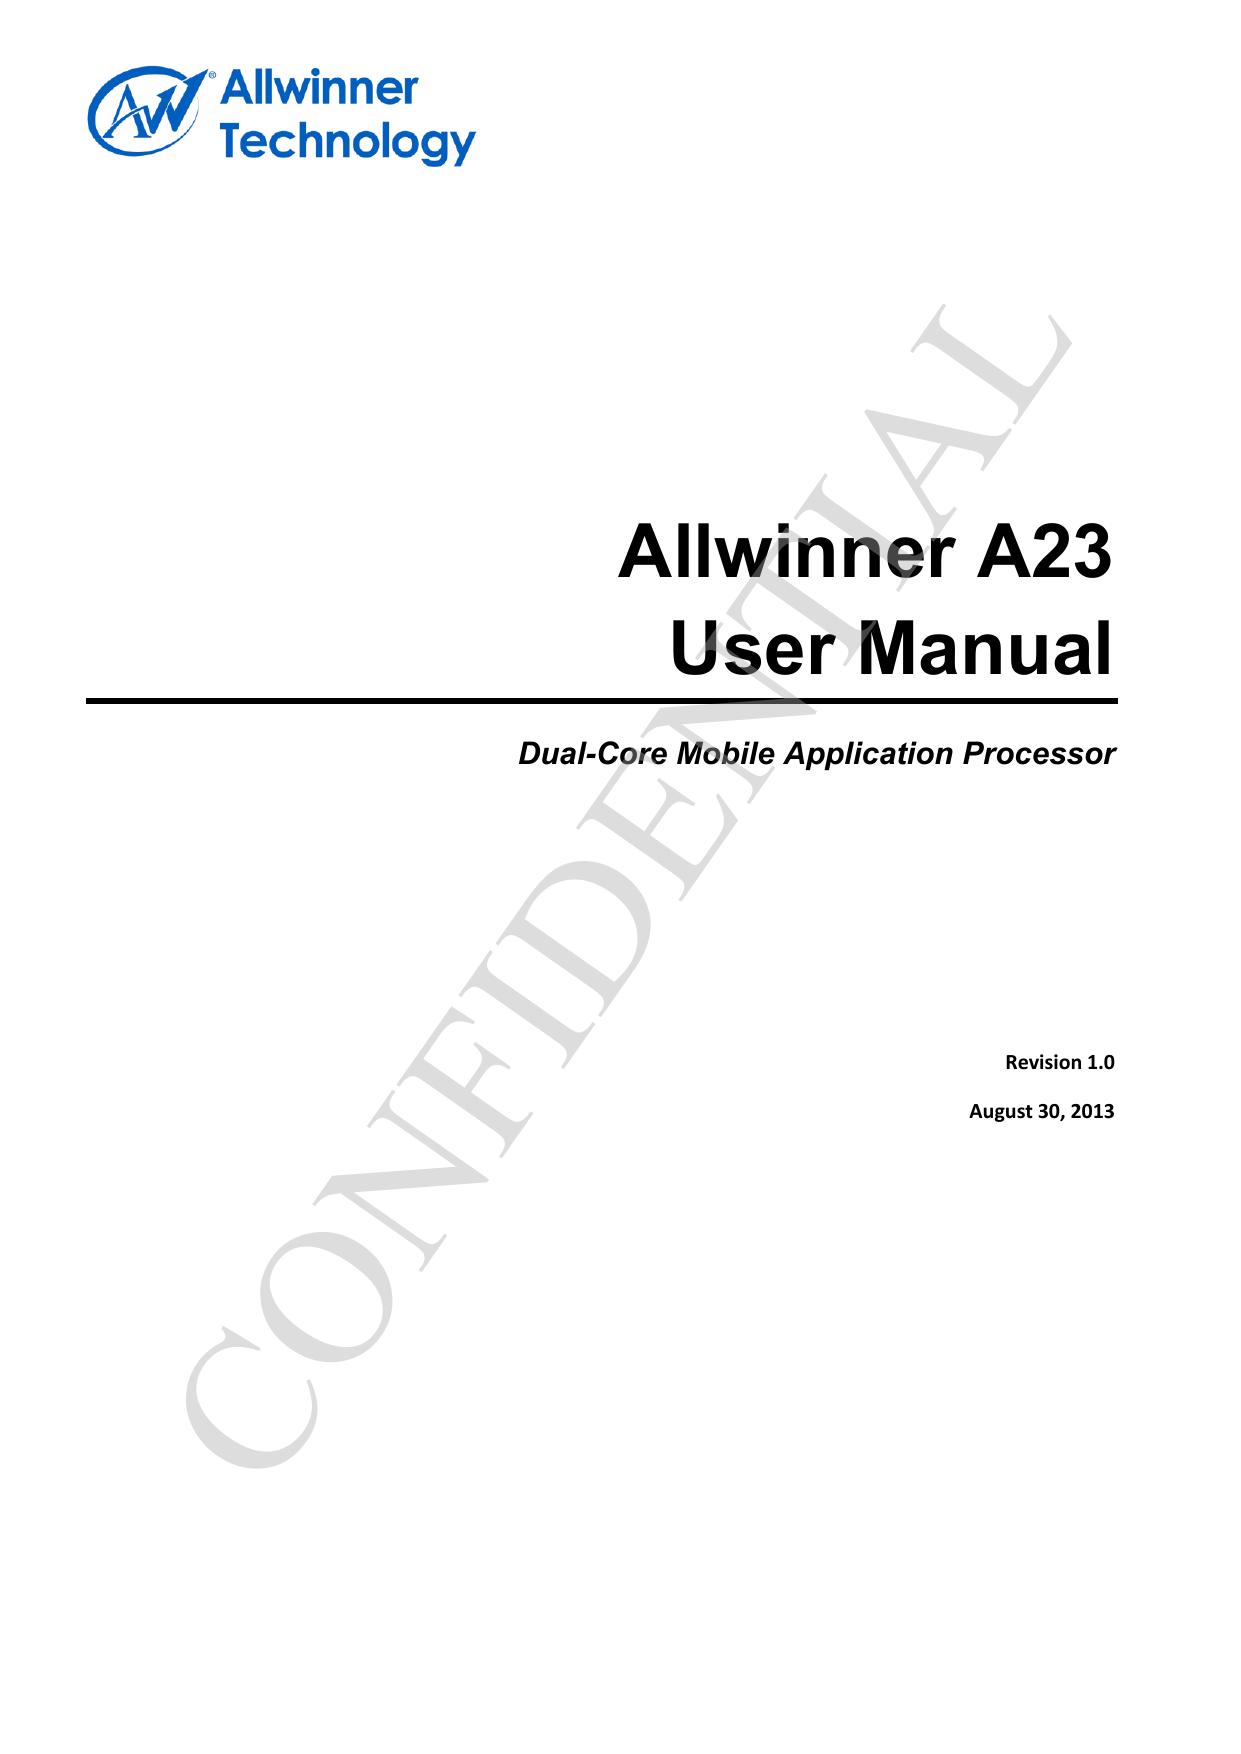 A23 User Manual V1 0 20130830 - linux | manualzz com